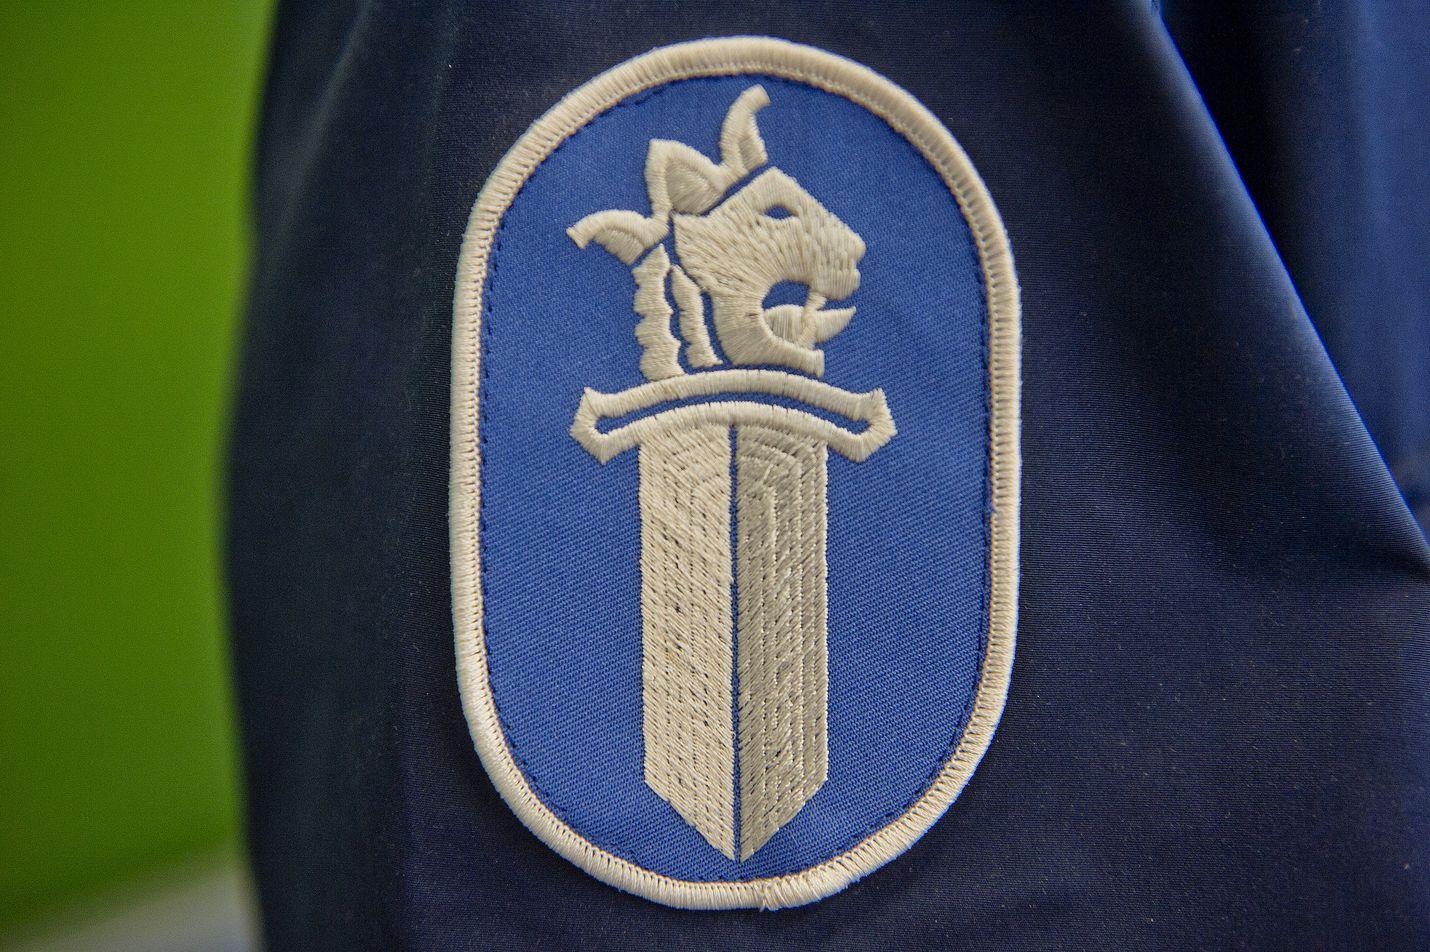 Poliisi on saanut valmiiksi Merivoimia koskevan esteellisyystutkinnan. Kuvituskuva.